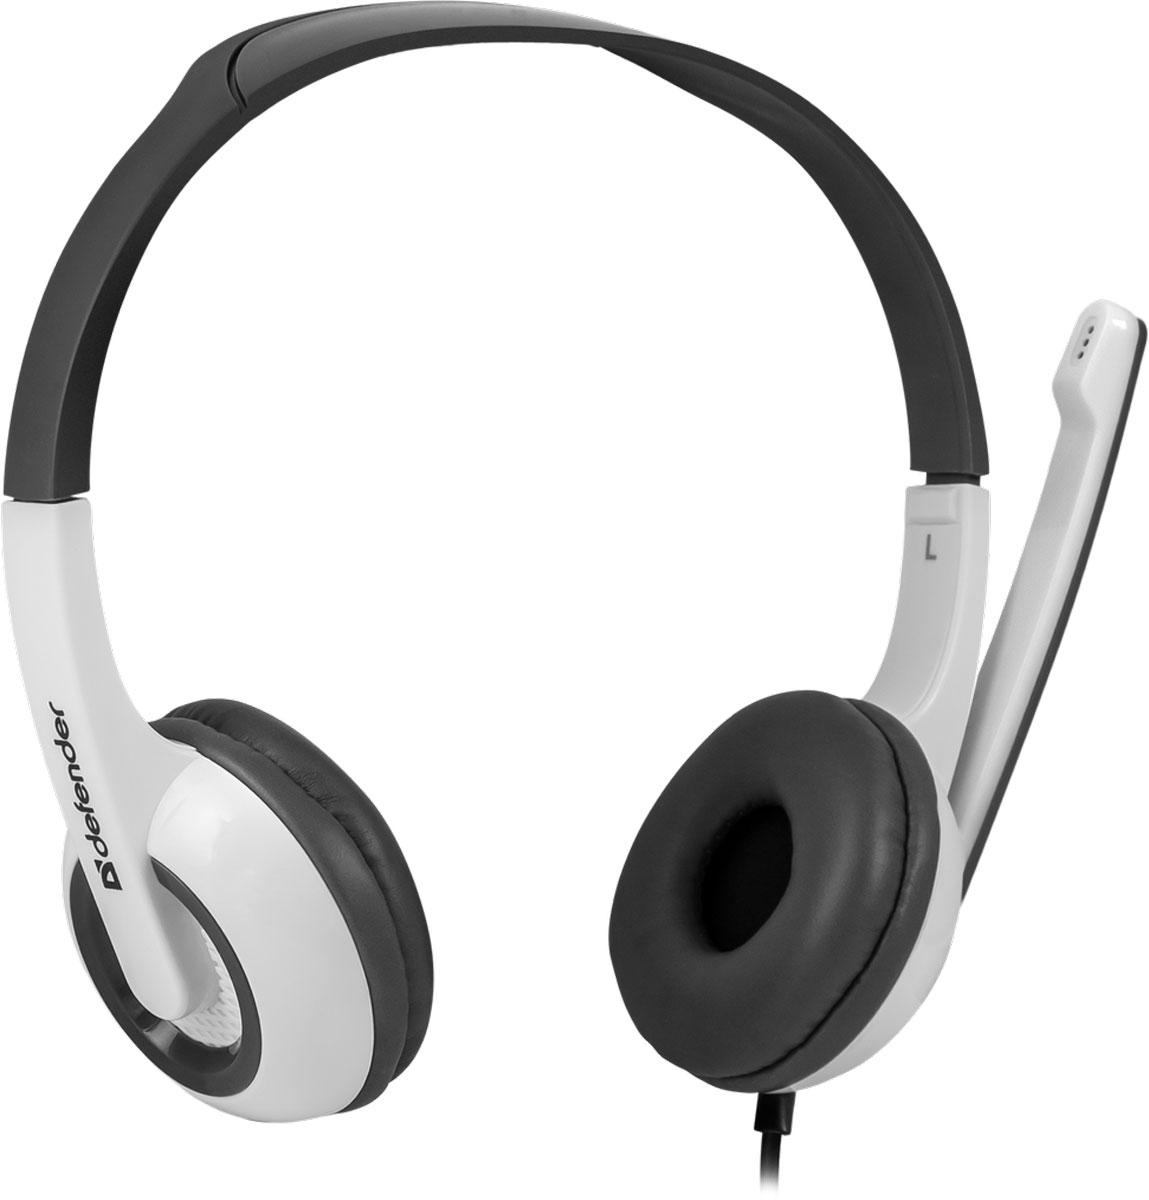 Компьютерная гарнитура Defender Esprit 055, Gray